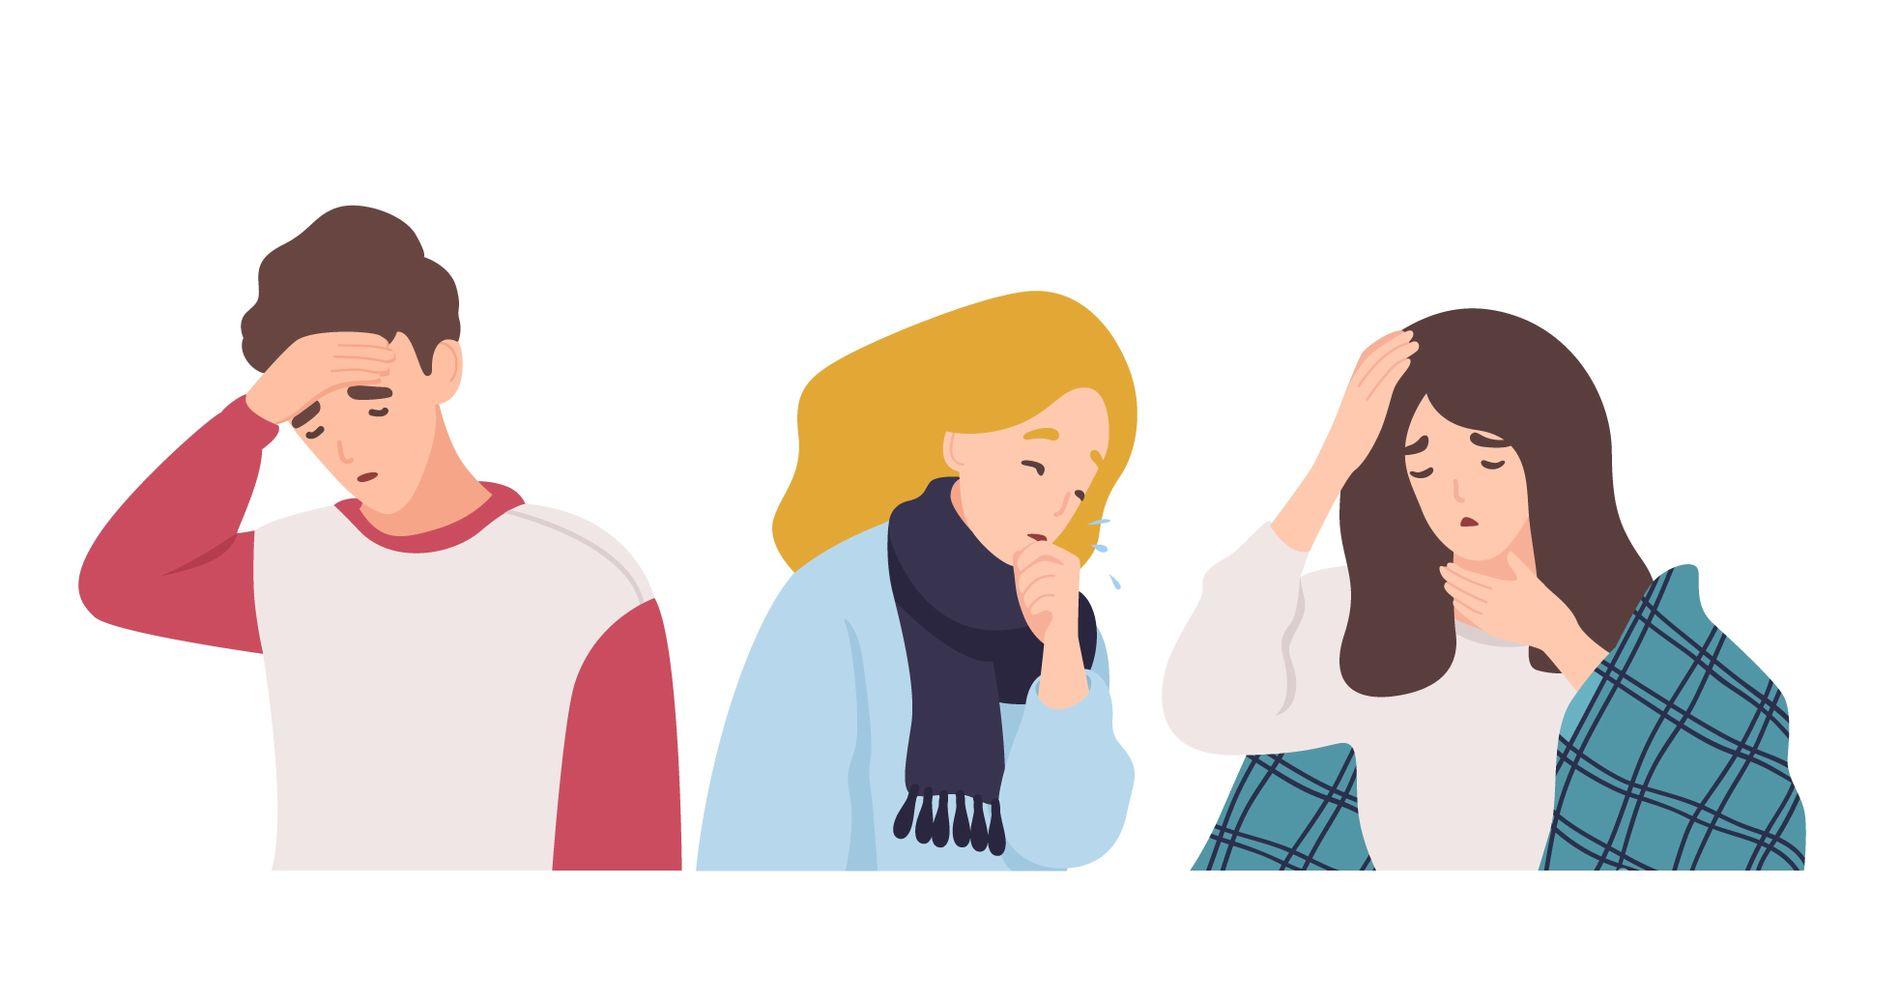 VERDENSTOPPEN: Nordmenn er mye oftere borte fra jobben enn andre folk, og kvinner sykmelder seg langt oftere enn menn. Innsenderen tar for seg noen mulige forklaringer. Illustrasjon: GoodStudio / Shutterstock